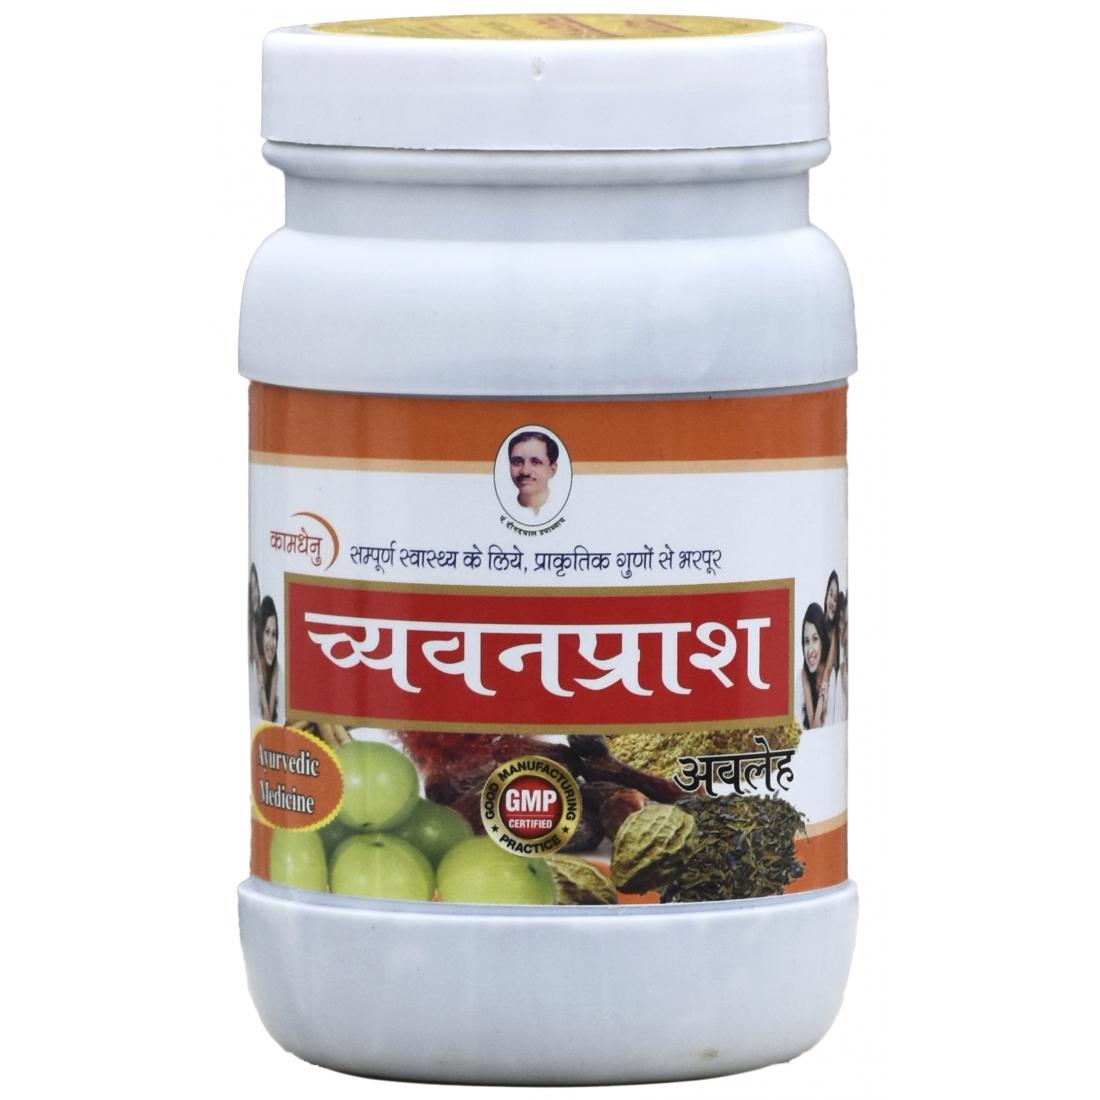 Organic india chyawanprash online dating